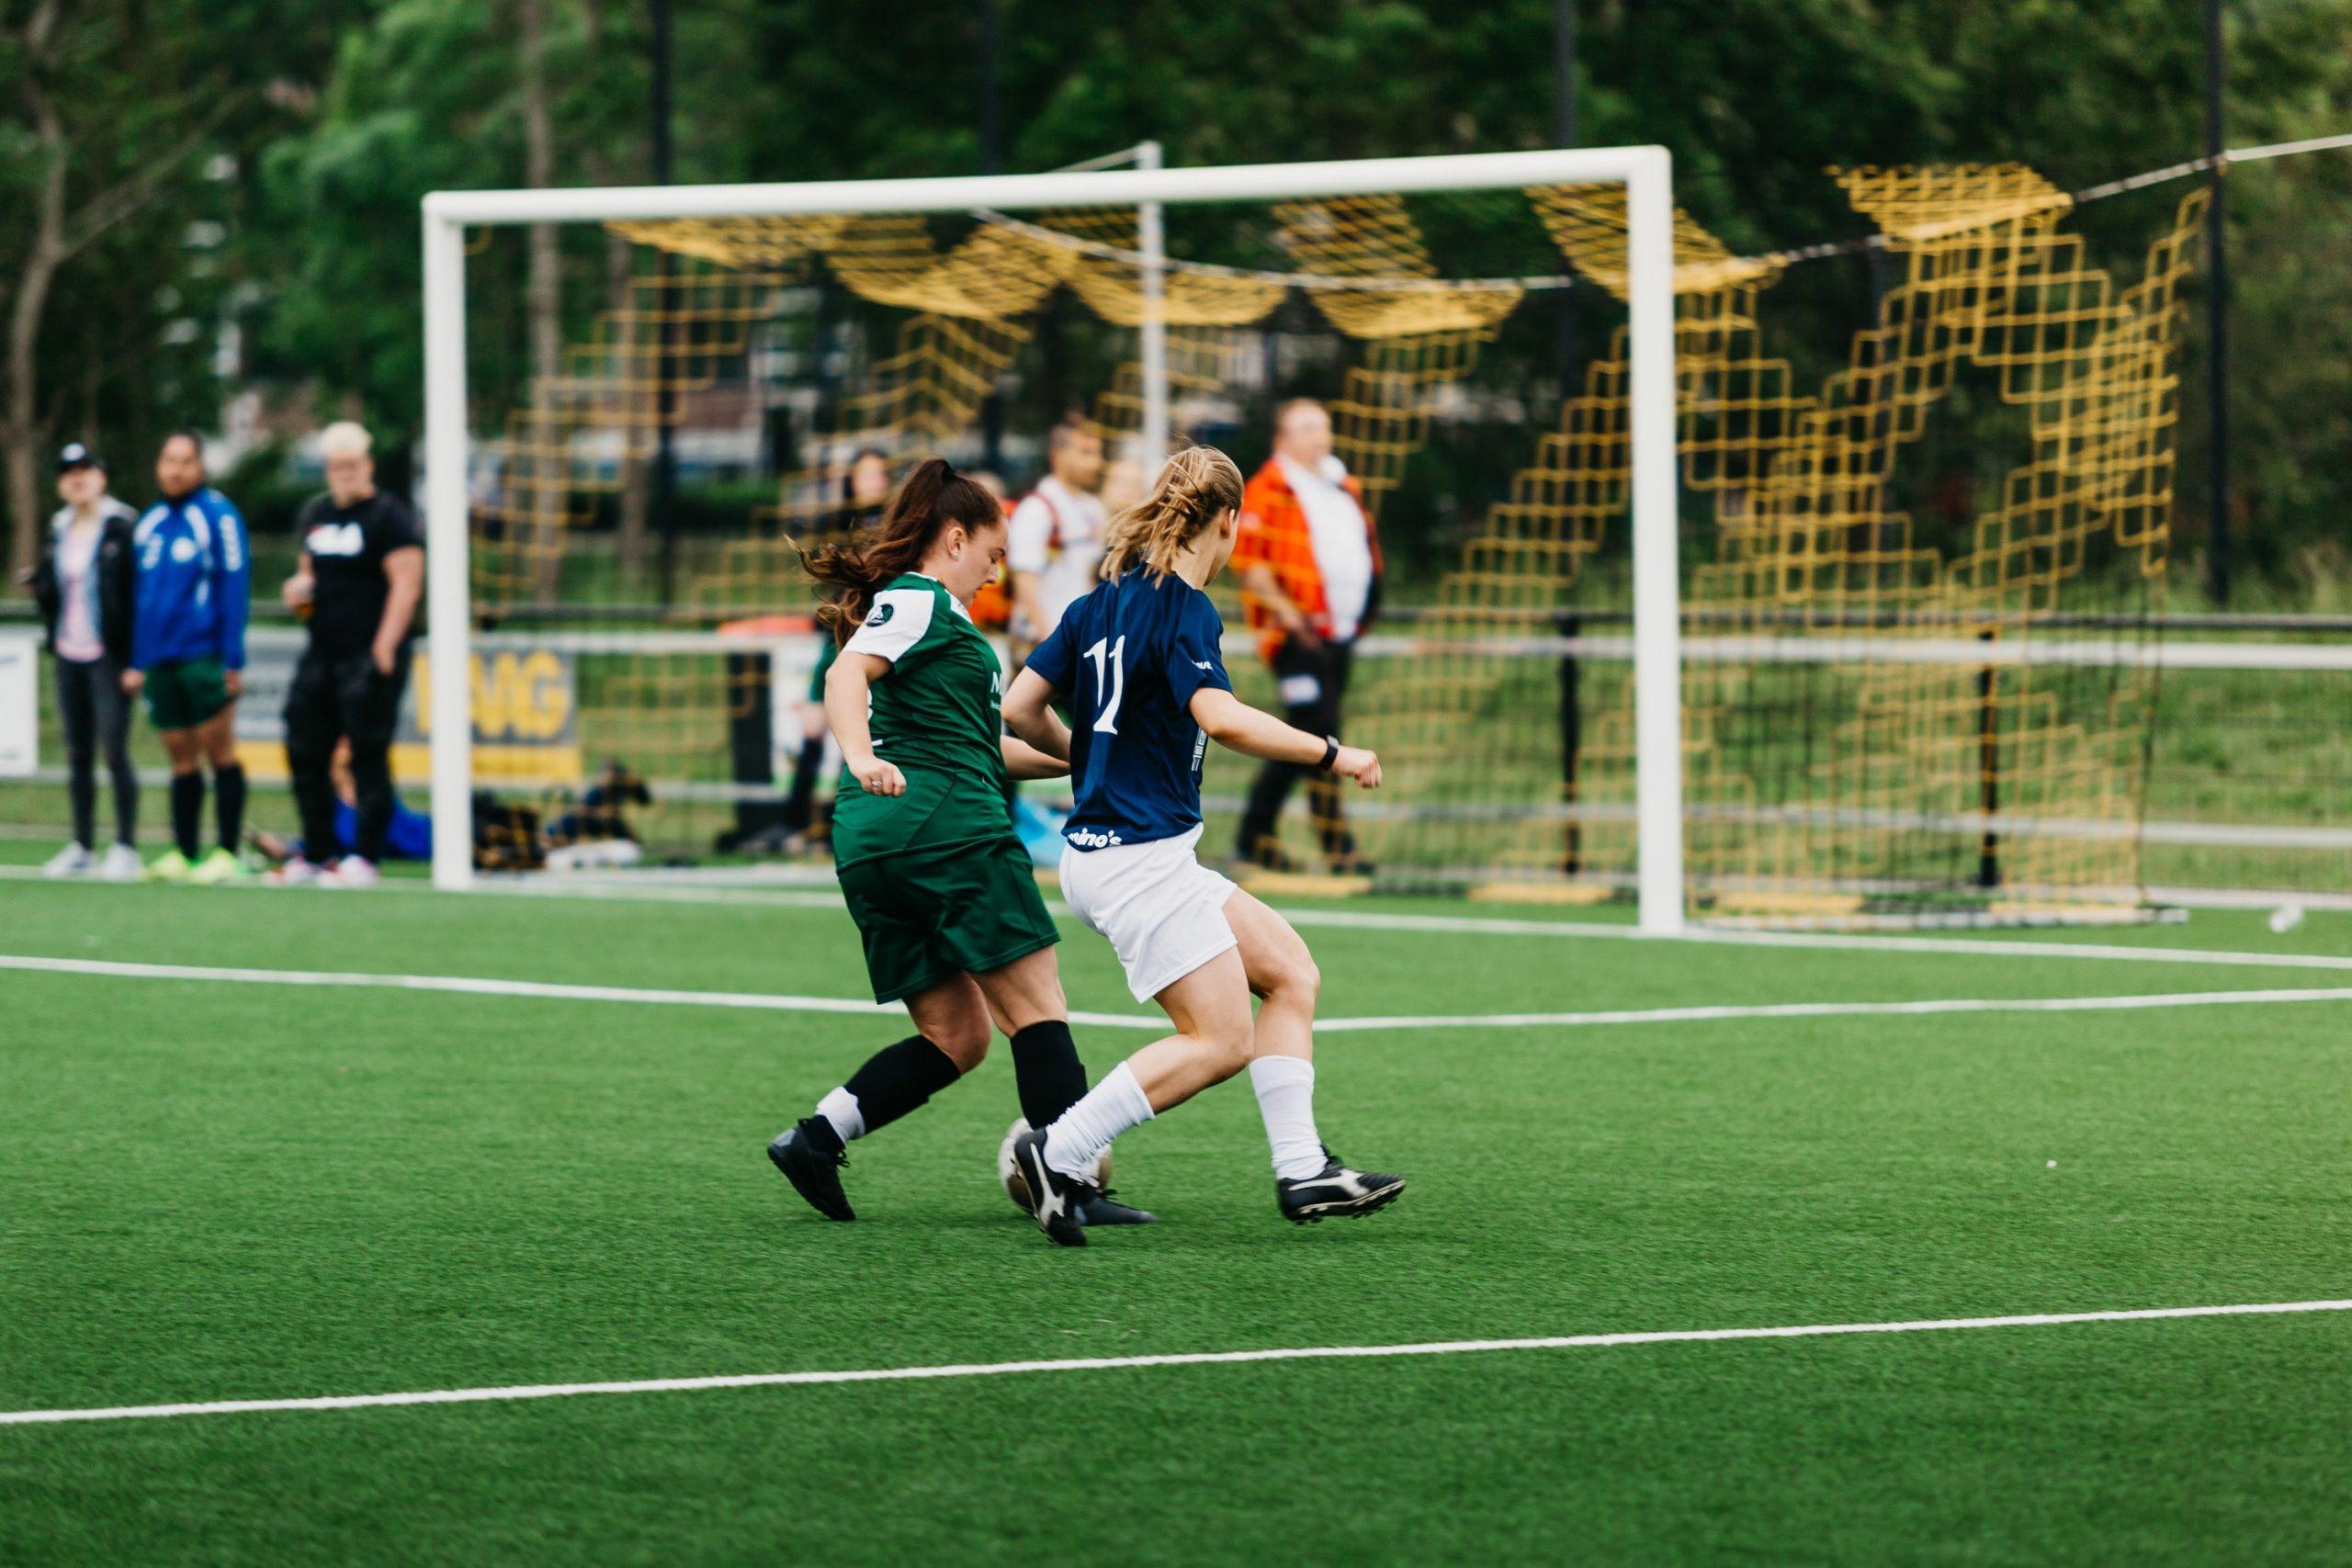 Deux filles jouent au football